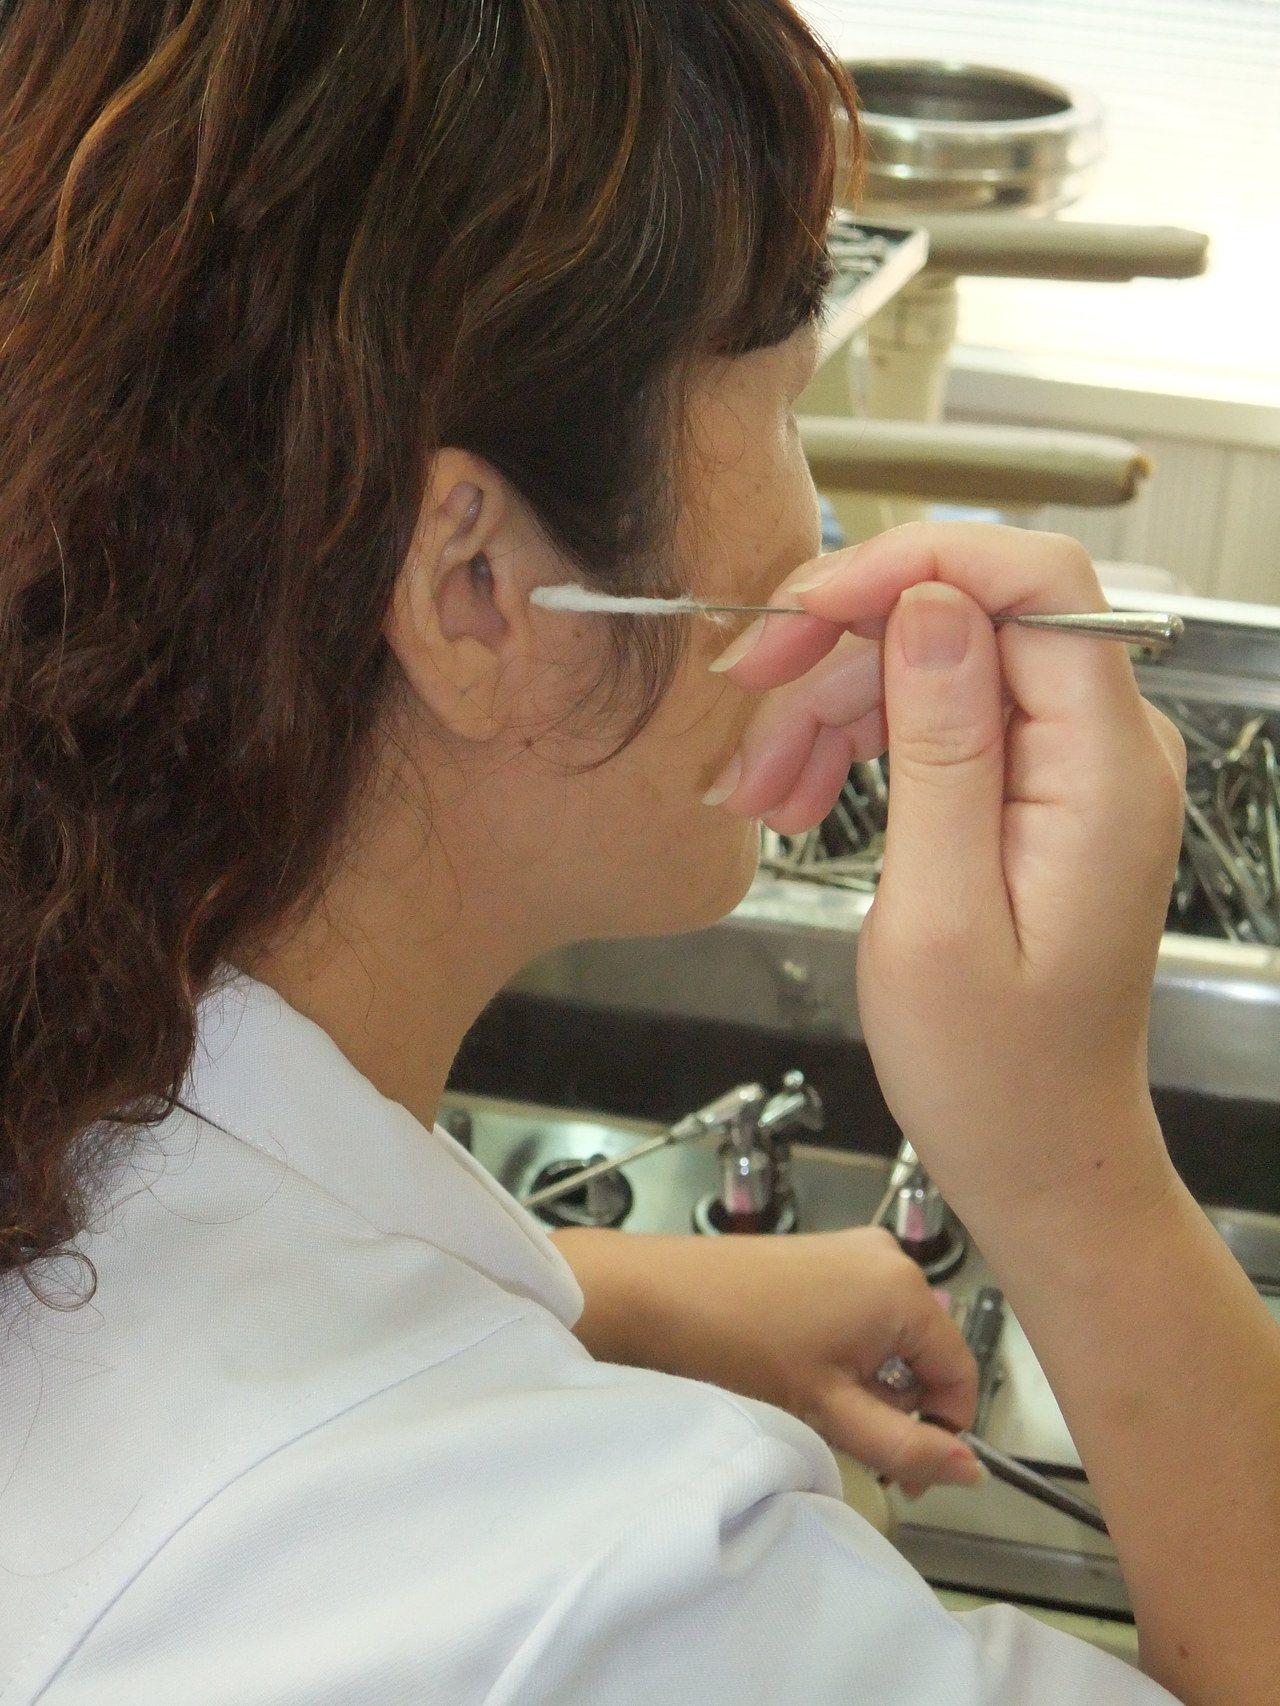 咳嗽未必是肺部或氣管出問題,也有可能與經常「掏耳朵」有關。圖非新聞當事人。本報資...